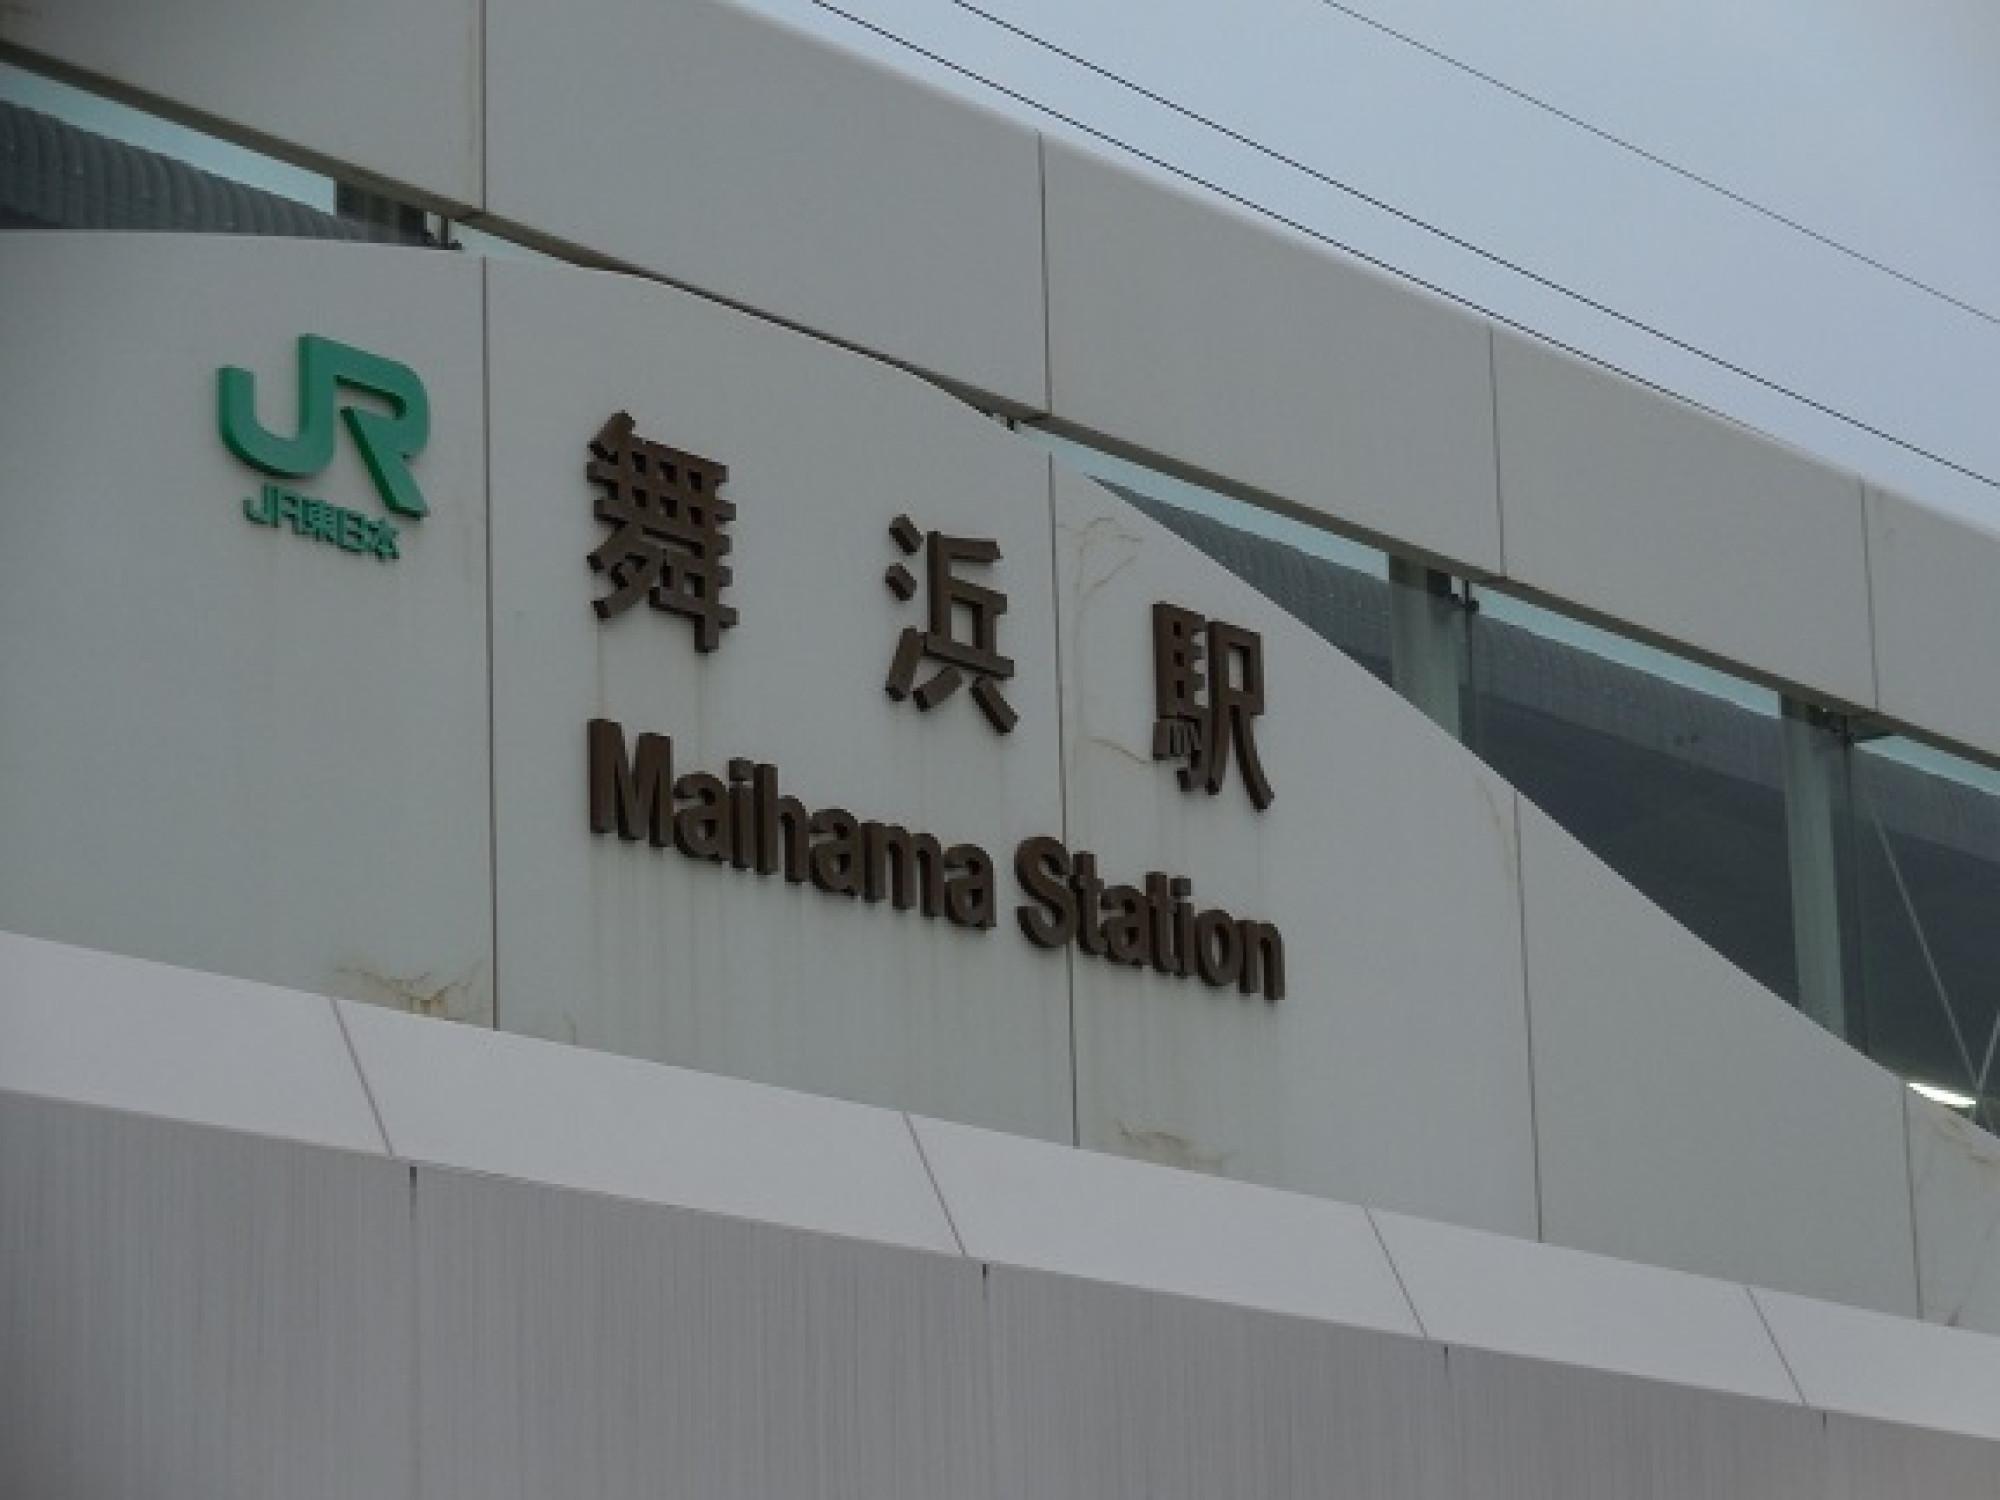 舞浜駅。1990年に全線開通した、まだまだ新しい京葉線の駅です。